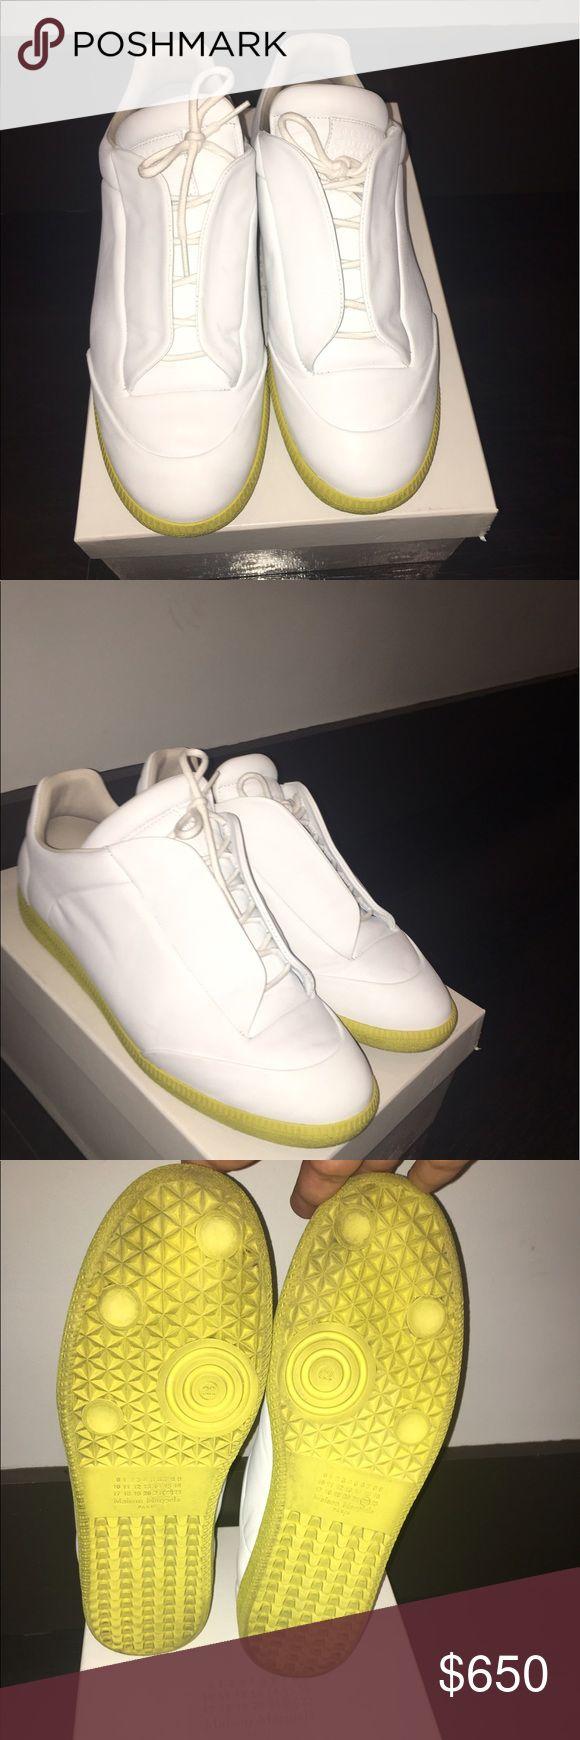 Maison Margiela Low Top Sneakers Size 12 Worn Once Maison Margiela sneakers.                 Regular price: 795  Asking price: 650 Maison Margiela Shoes Sneakers